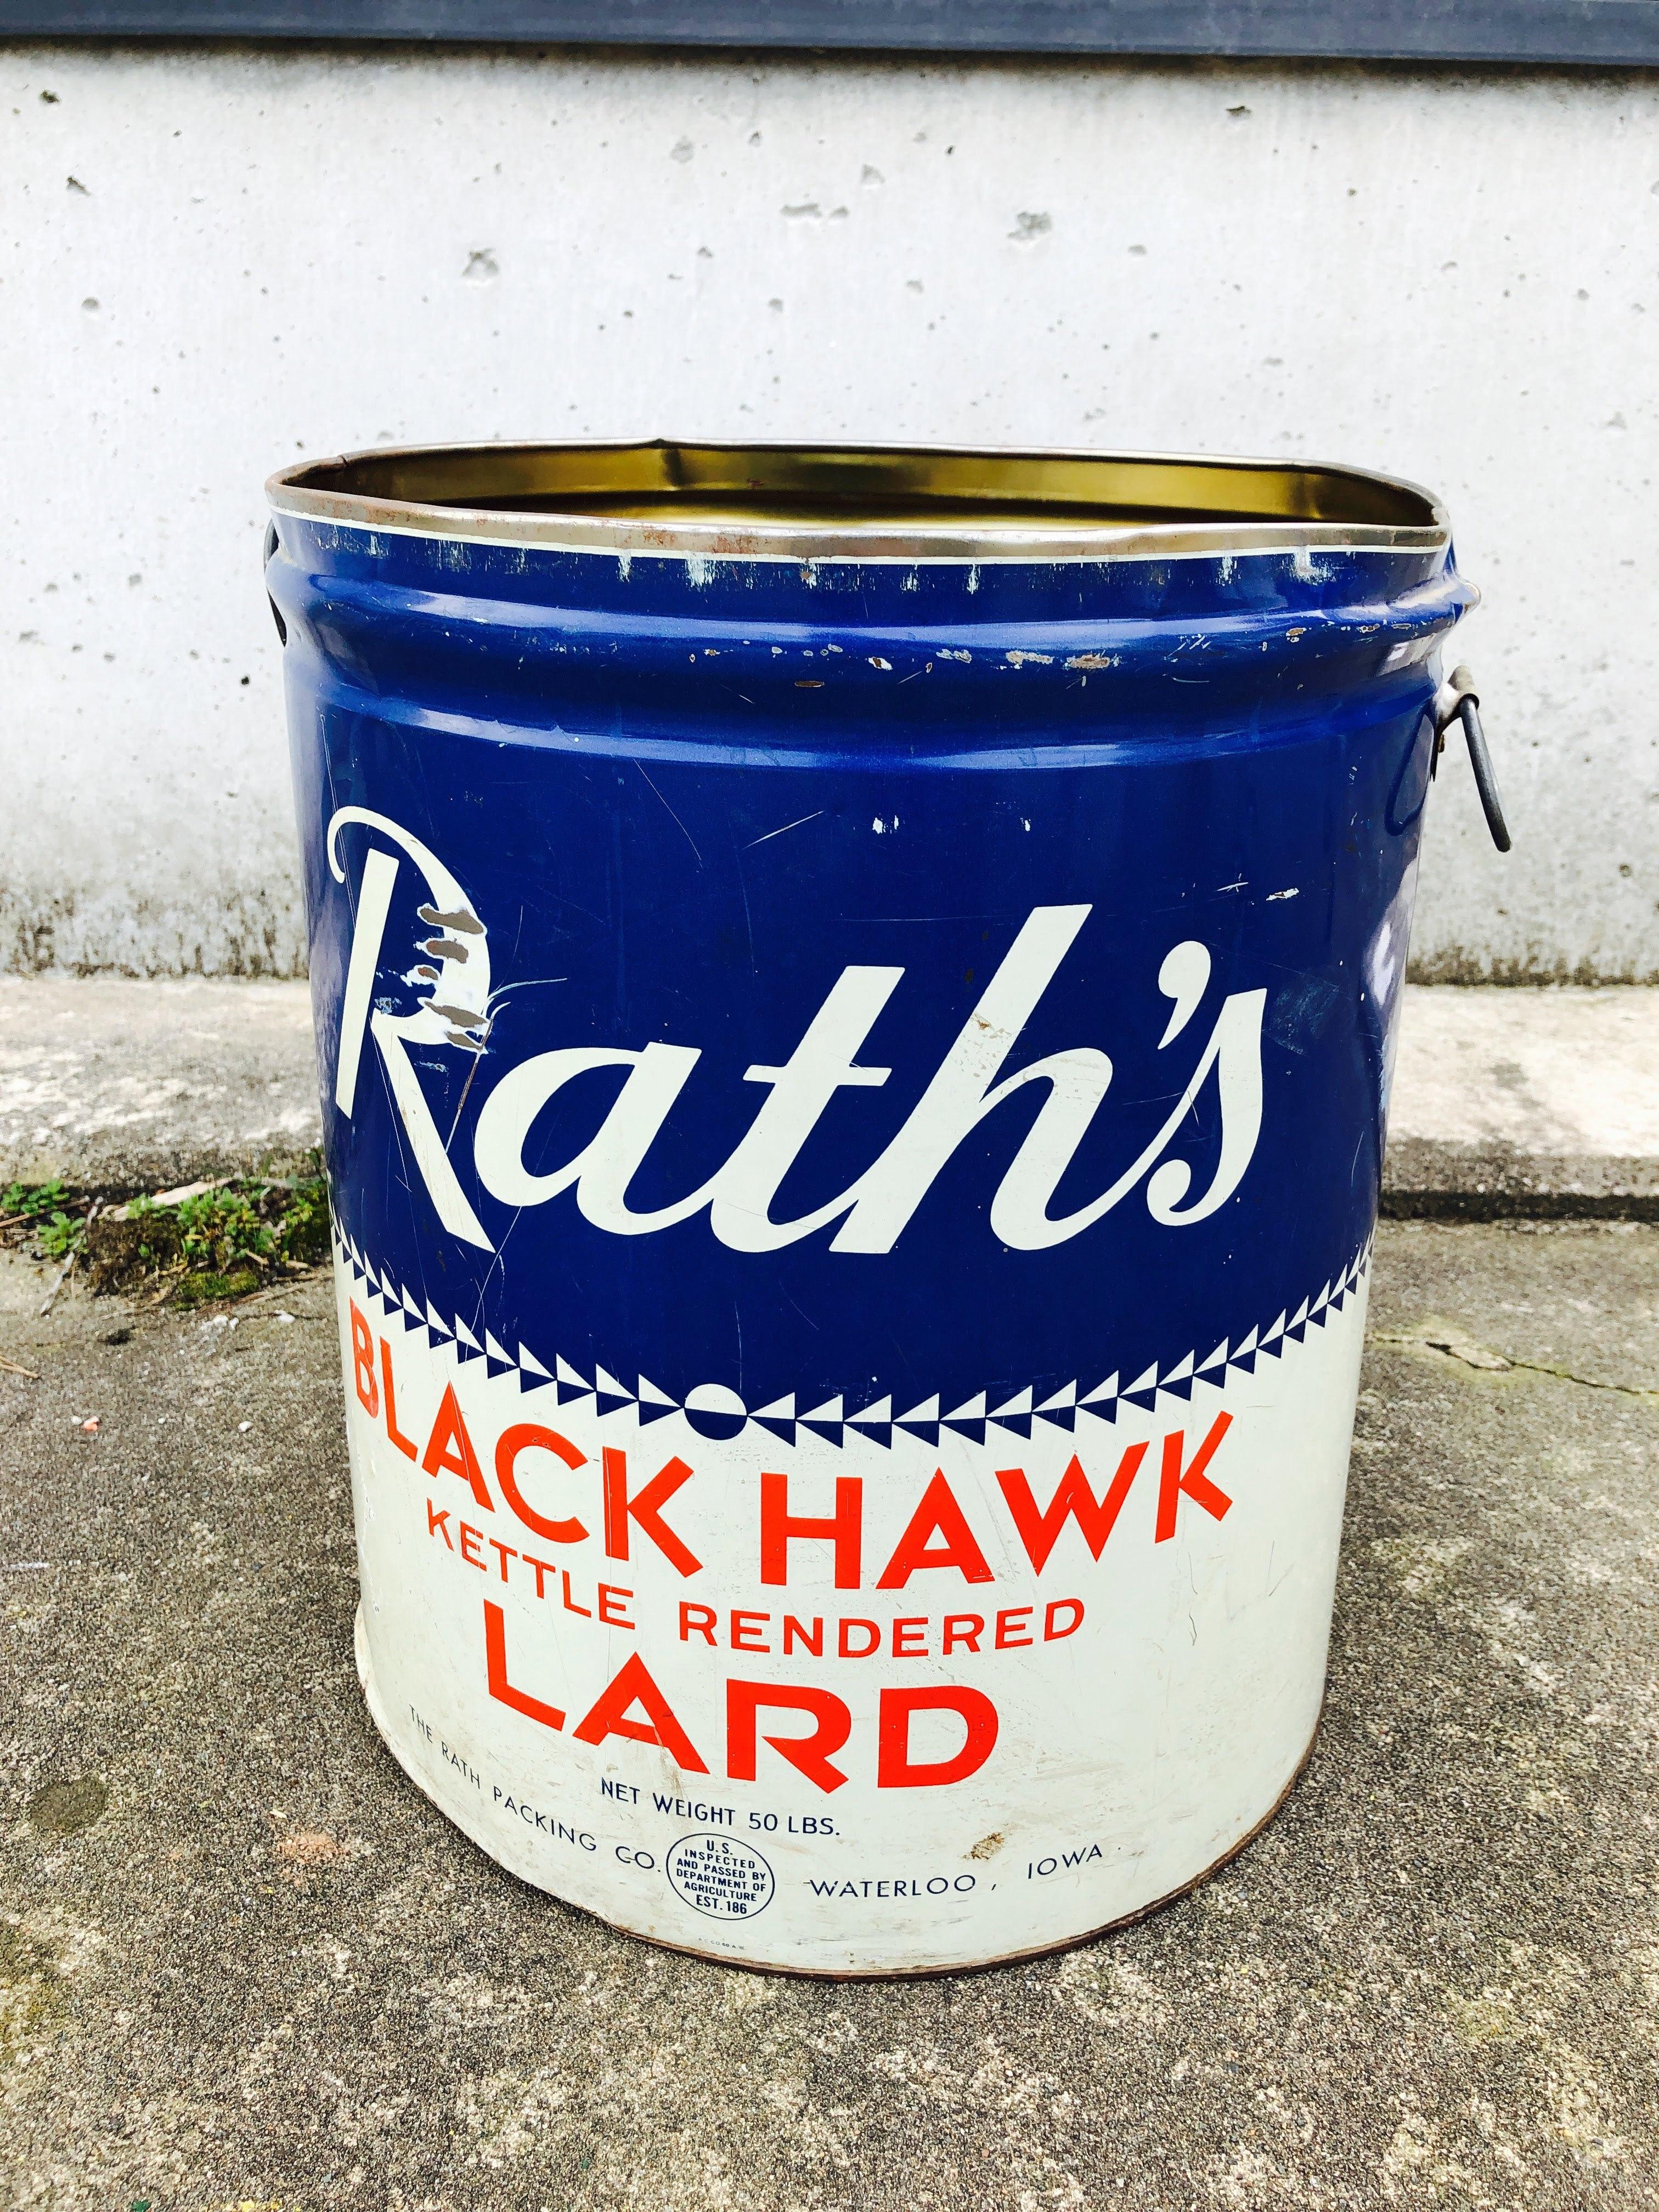 品番5599 ヴィンテージ缶 Rath's BLACK HAWK KETTLE RENDERED LARD インテリア ディスプレイ